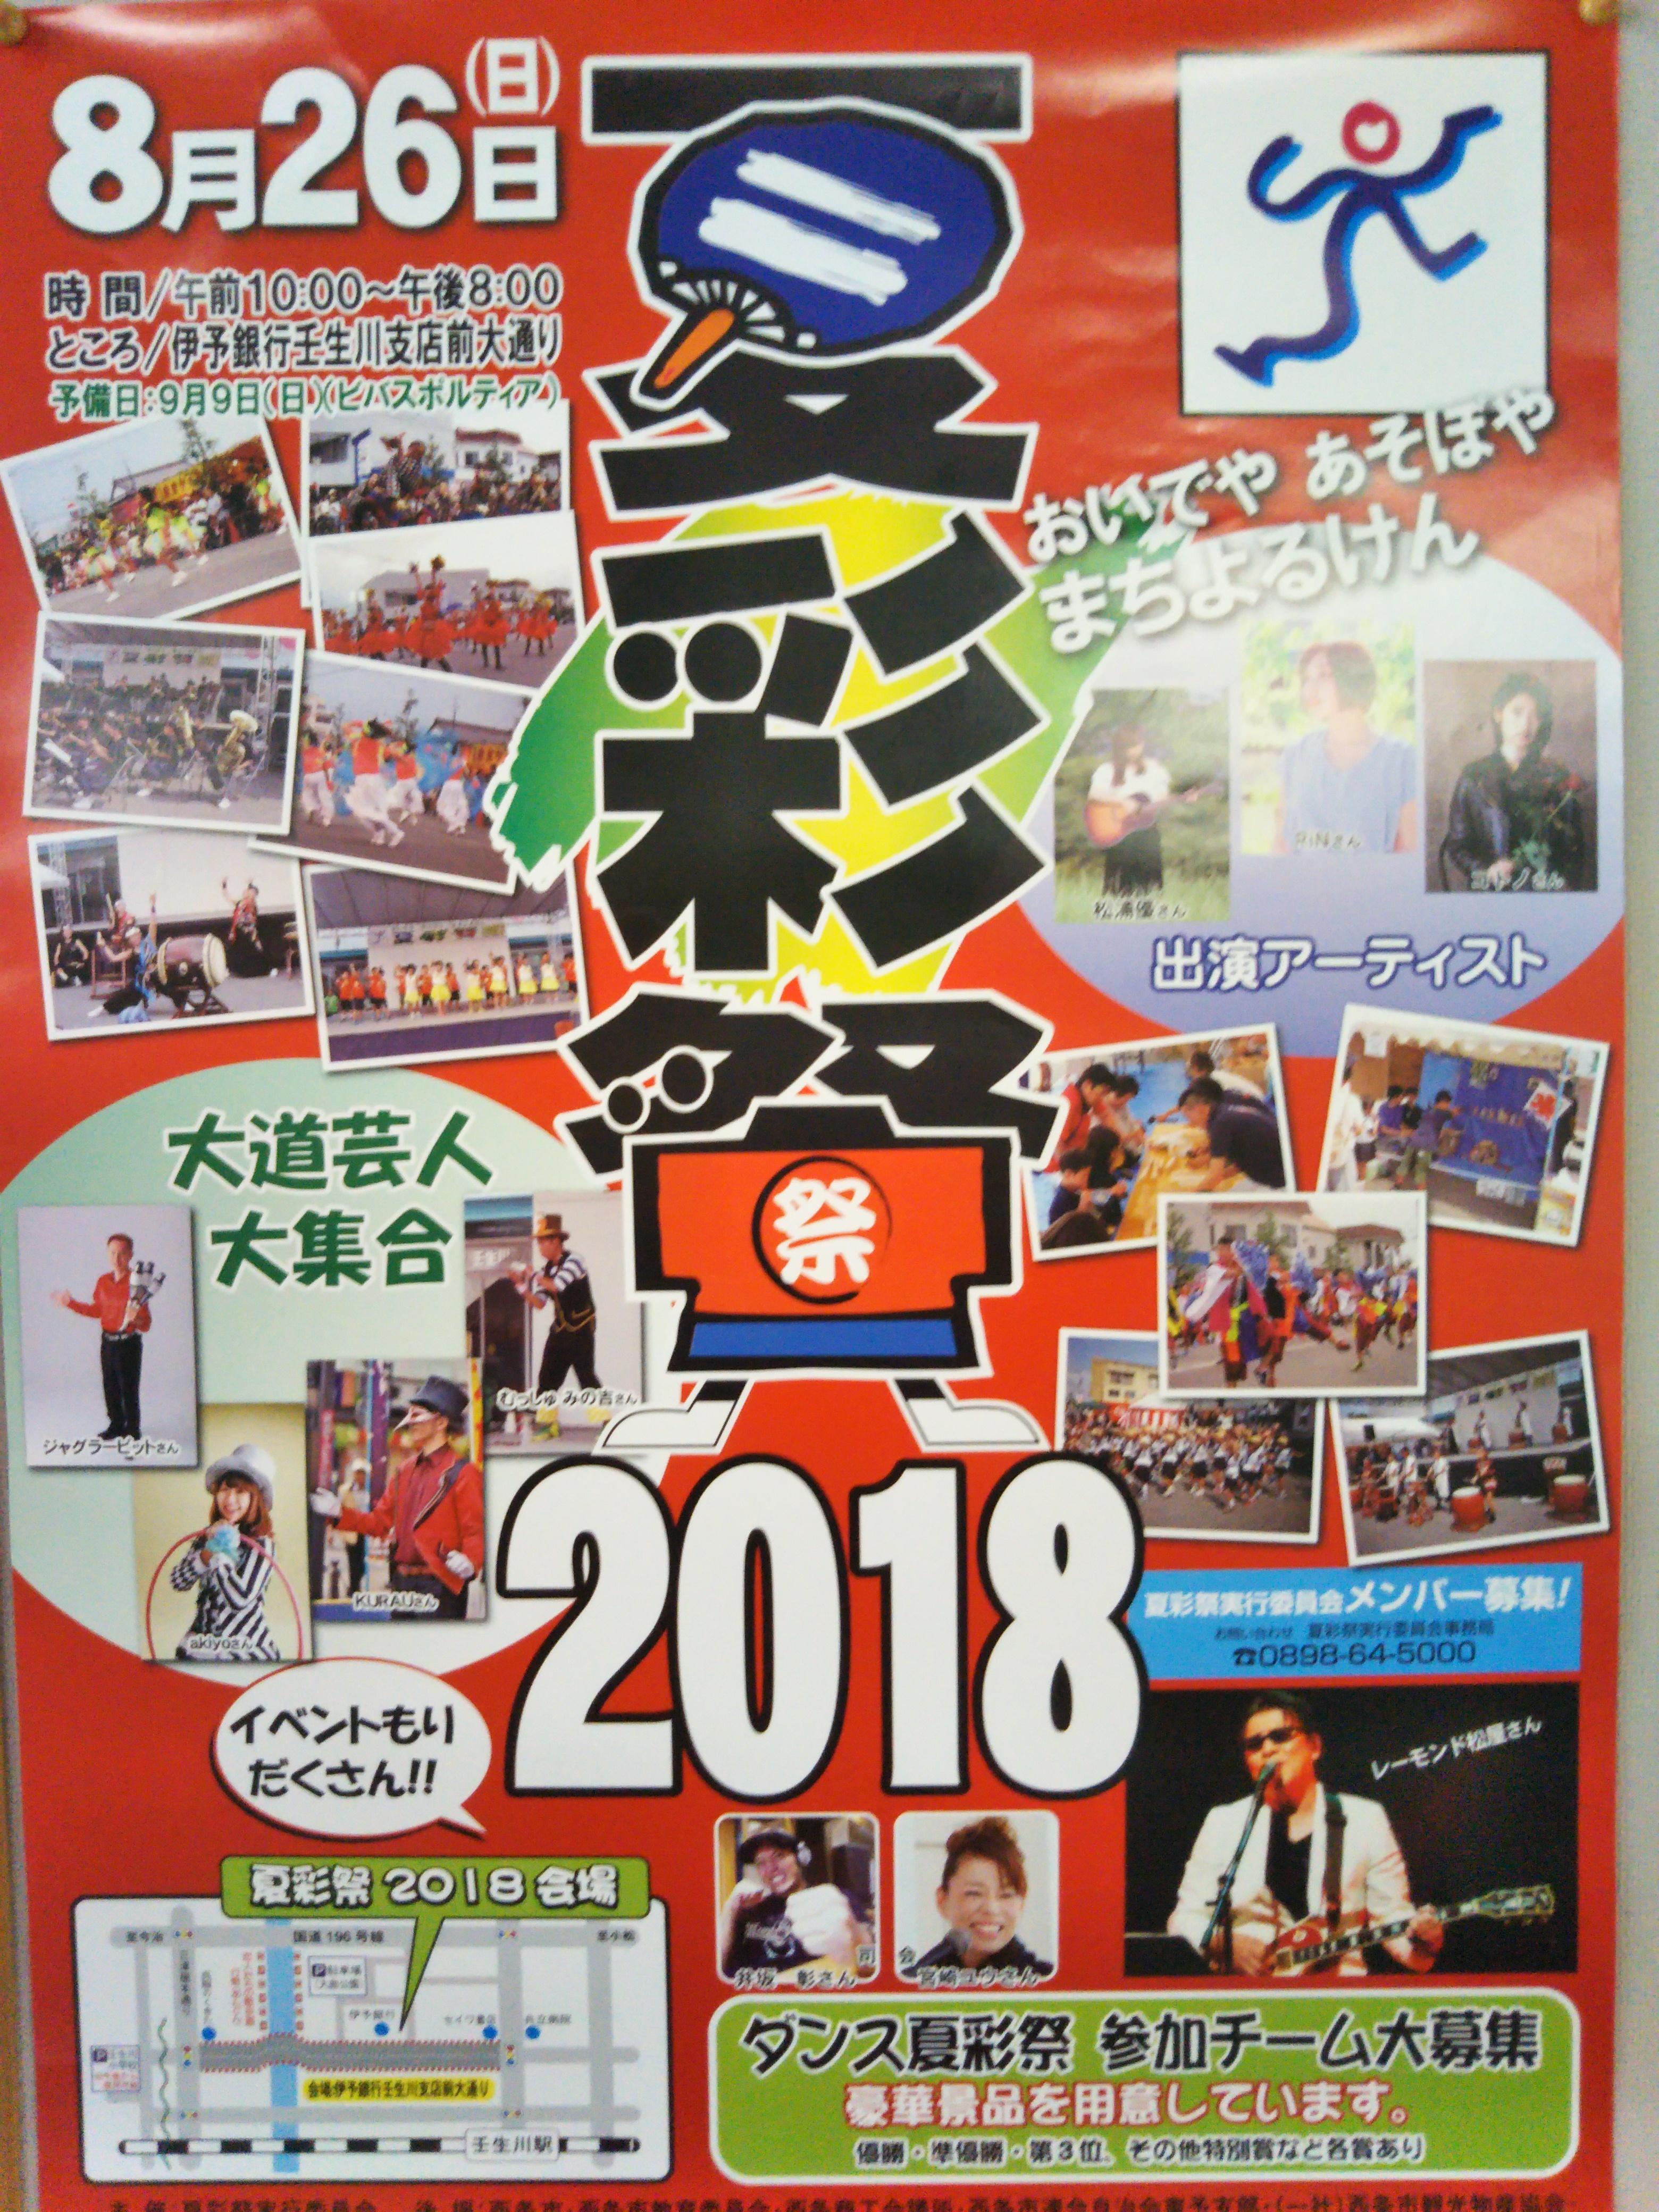 夏彩祭 2018 開催!